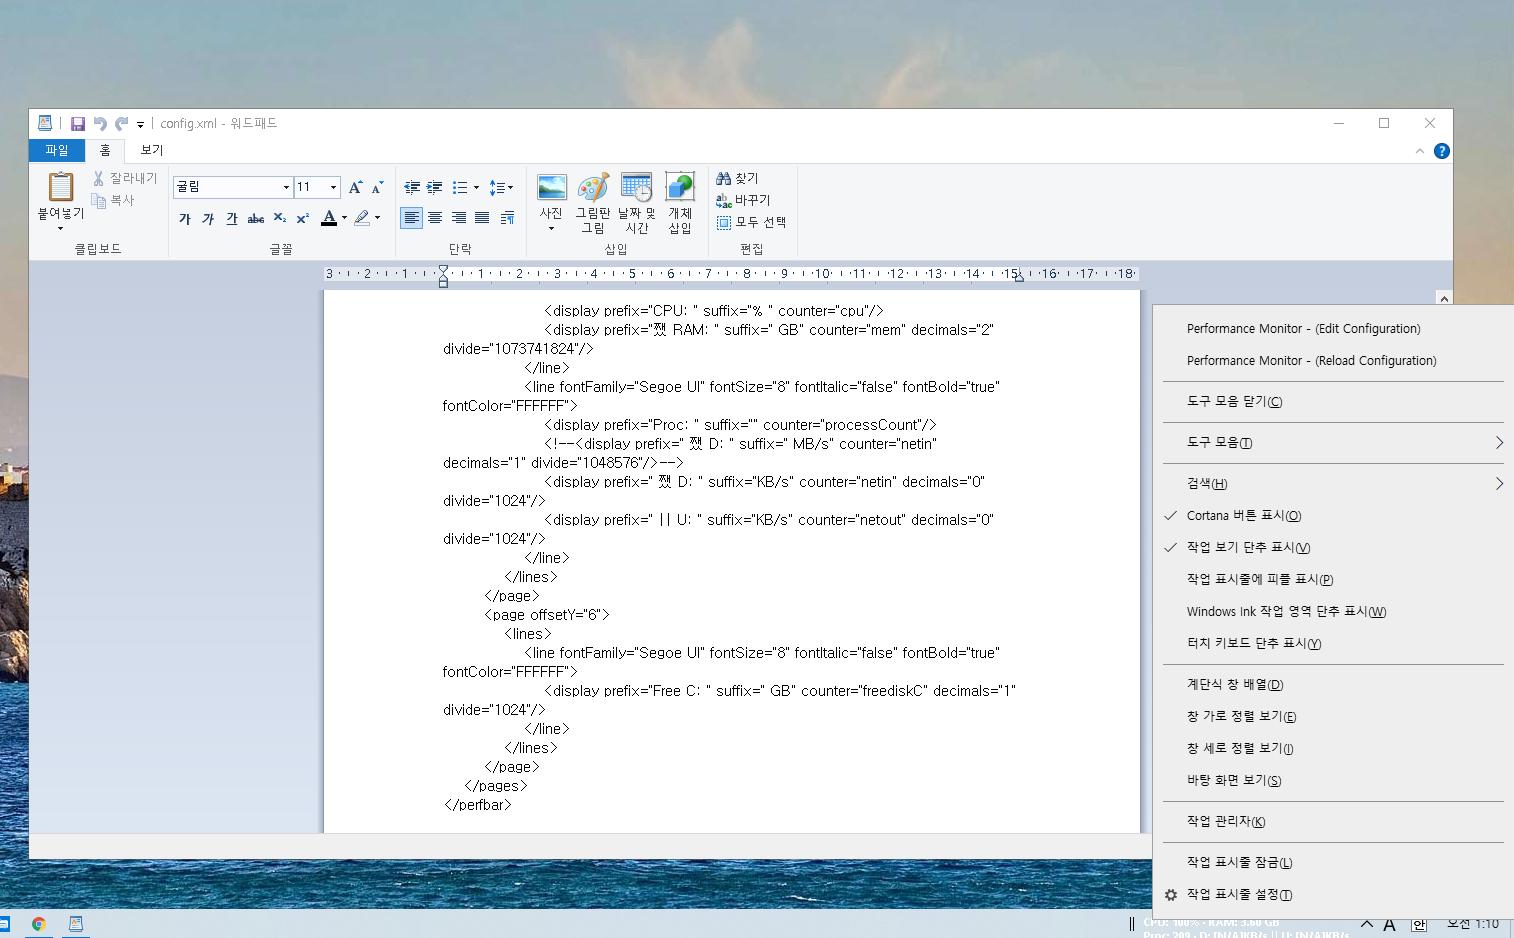 윈도우10 사용량을 테스크바에 표시하는 방법